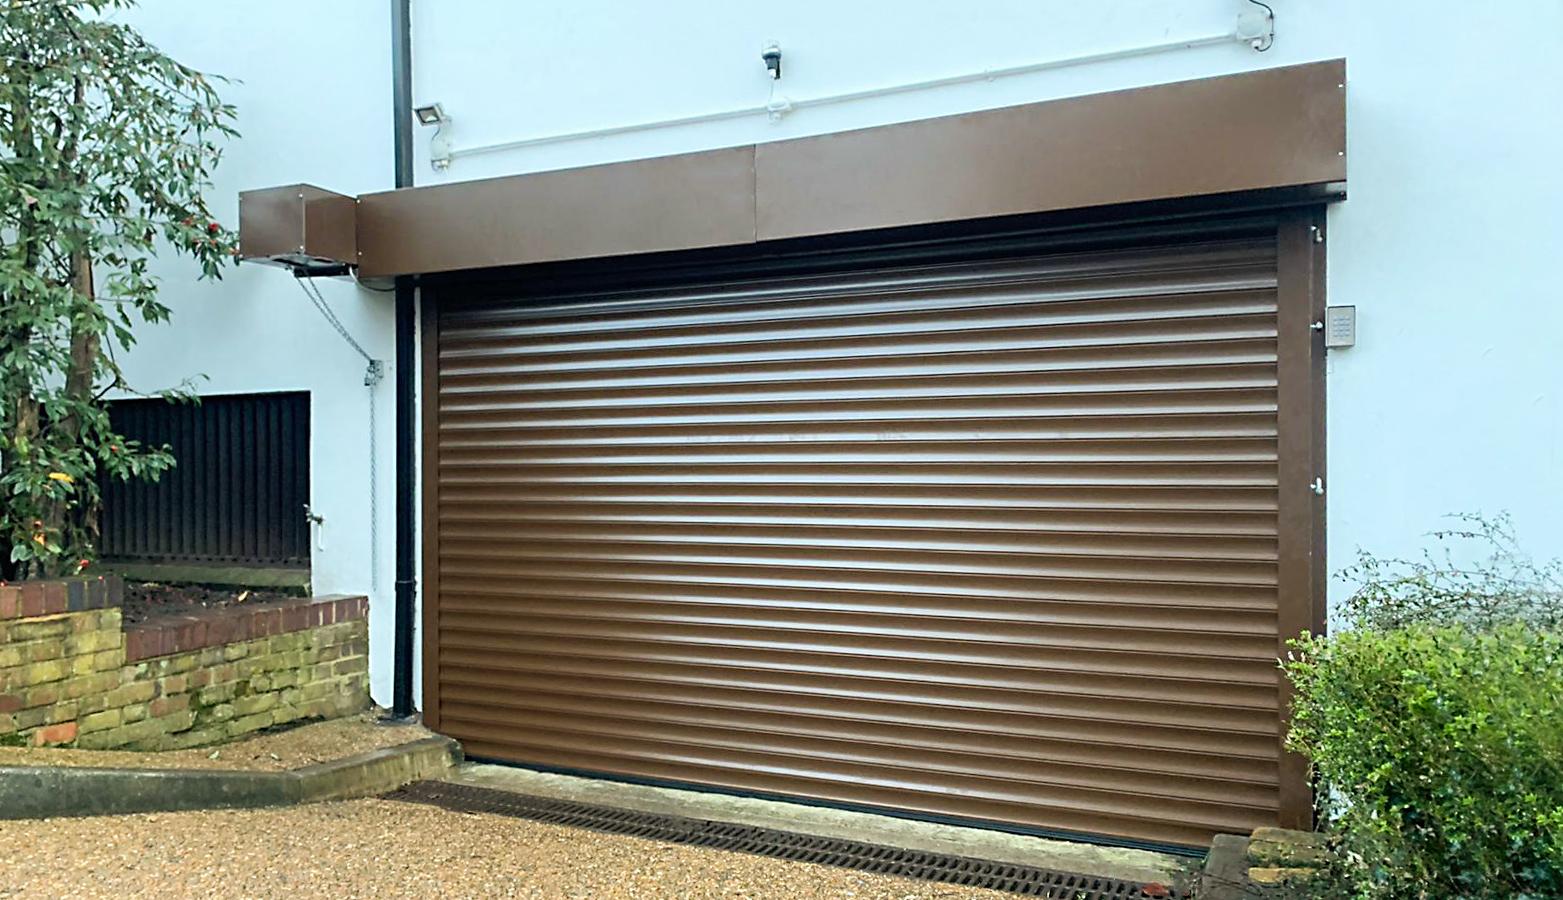 SWS SeceuroDoor 77 Insulated Industrial Roller Garage Door Finished in Brown